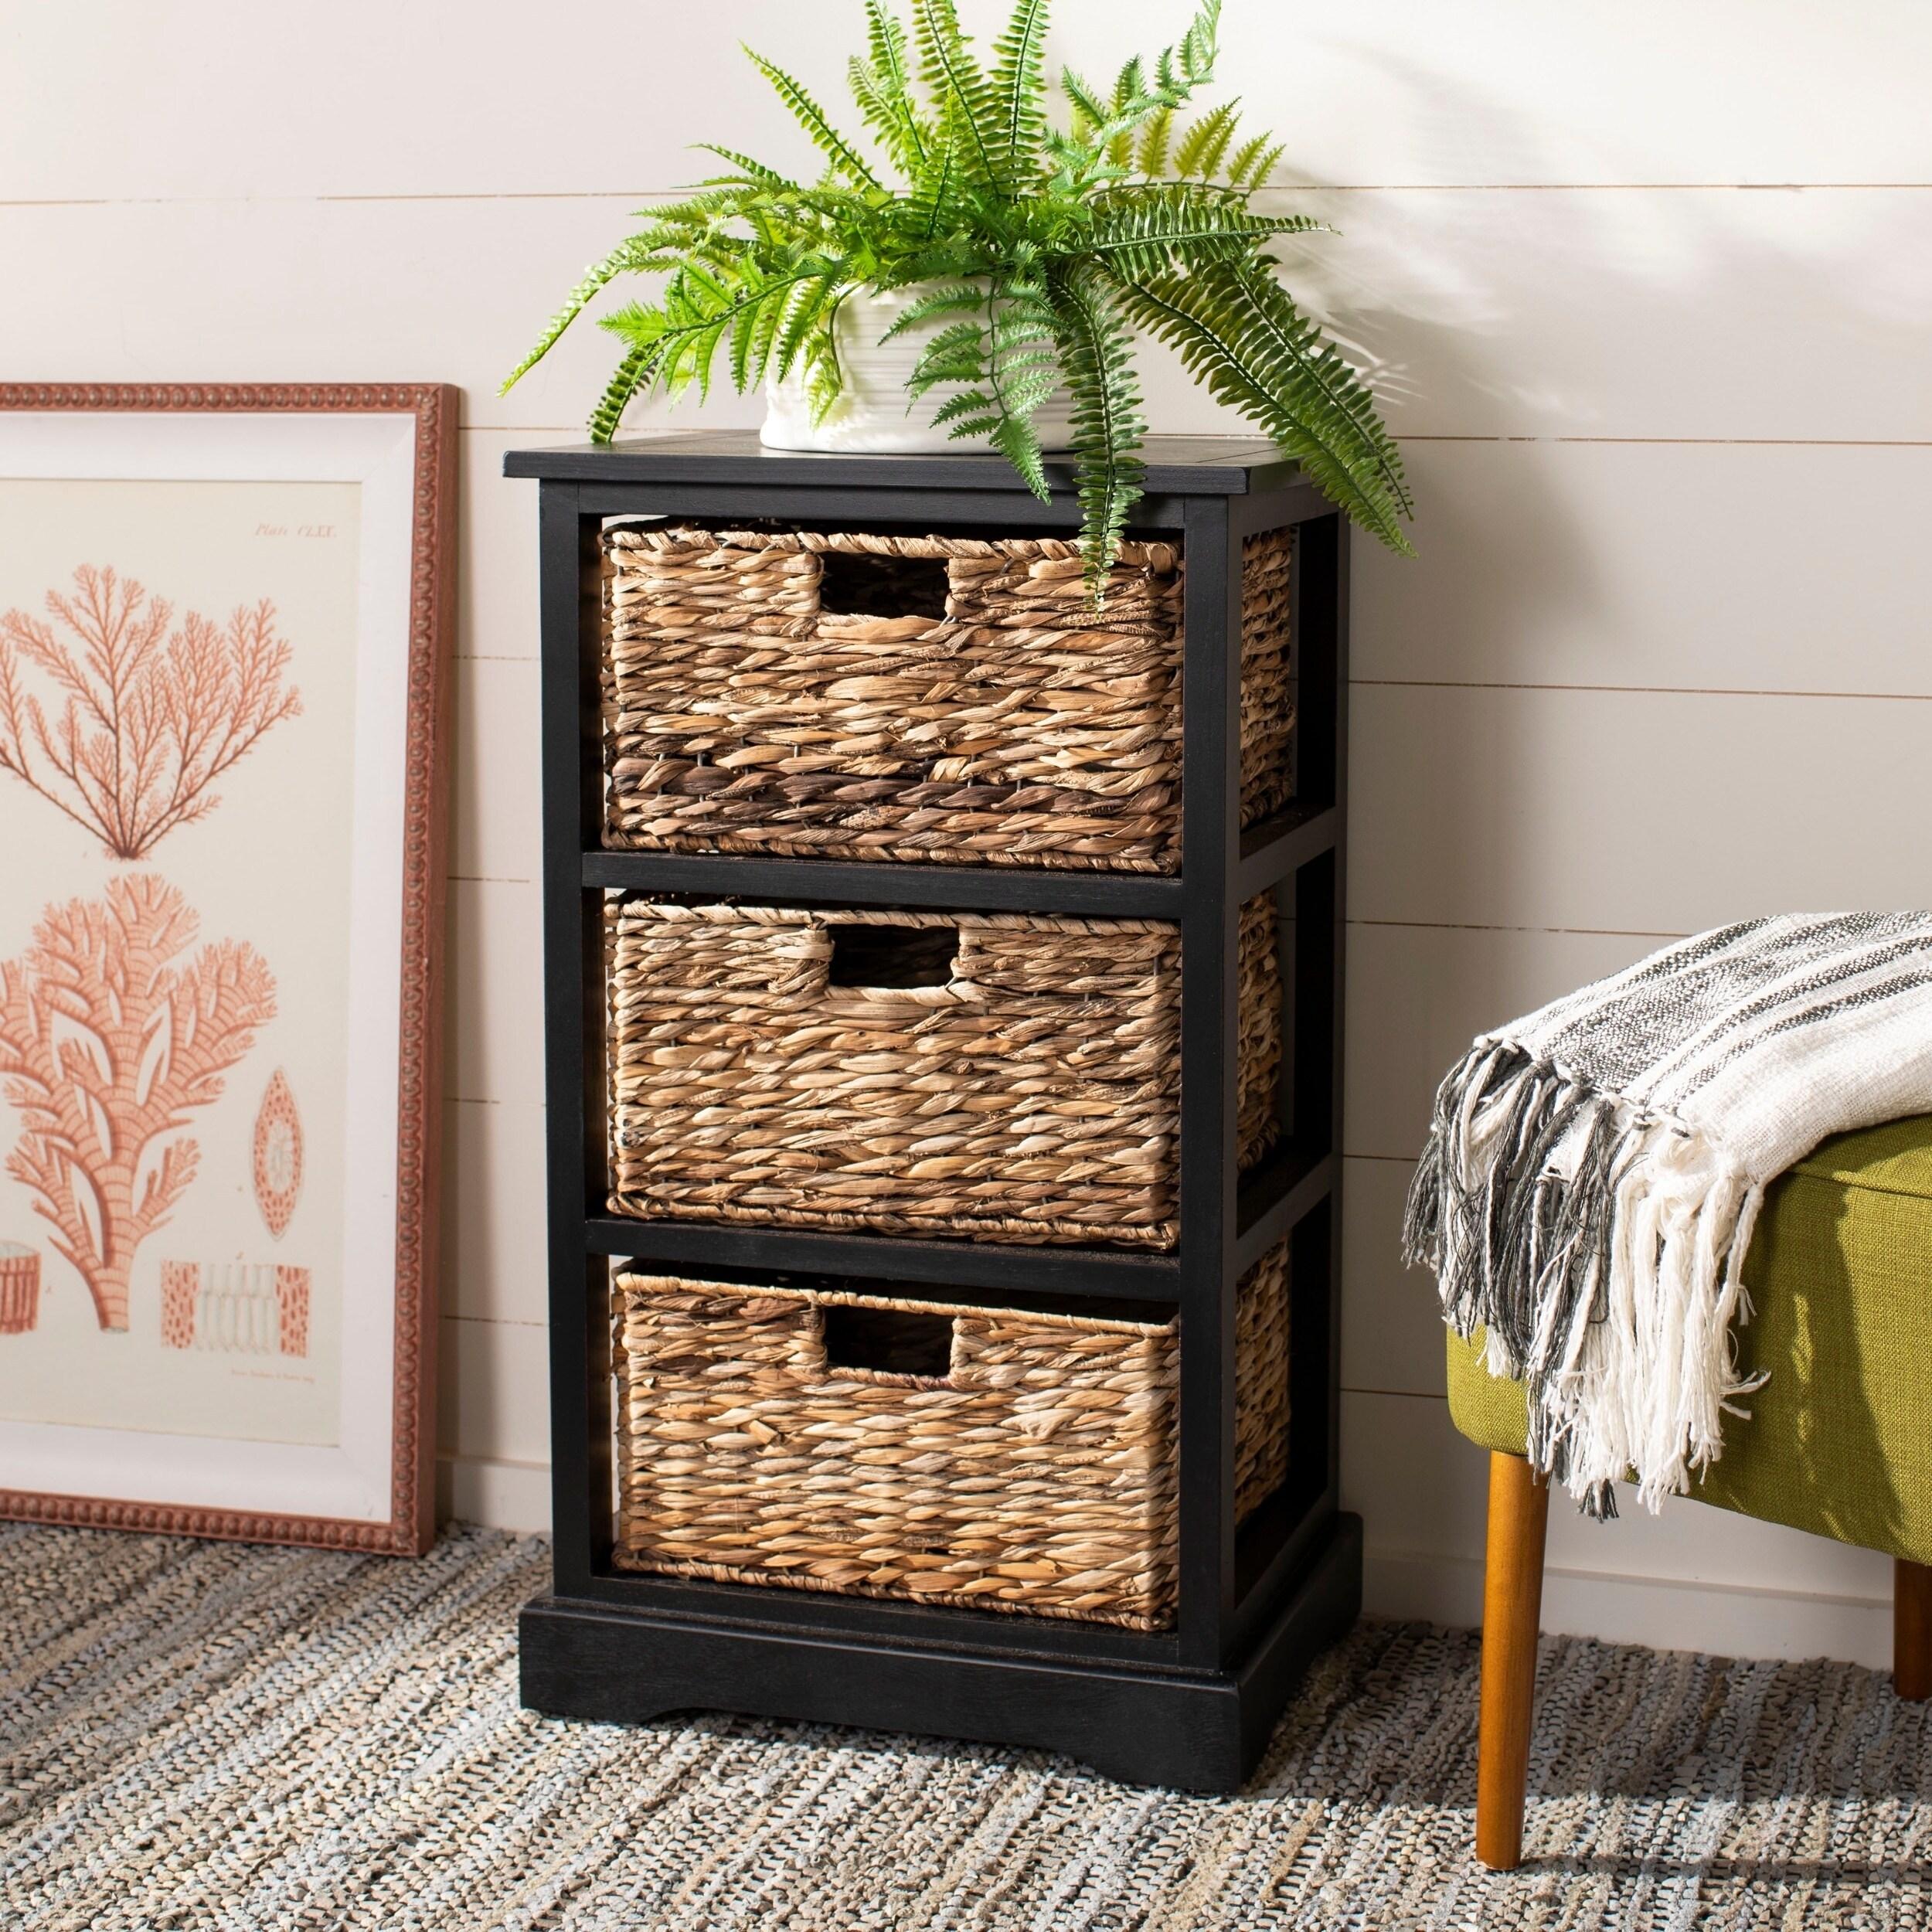 Shop Safavieh Halle Distressed Black 3 Wicker Basket Storage Unit